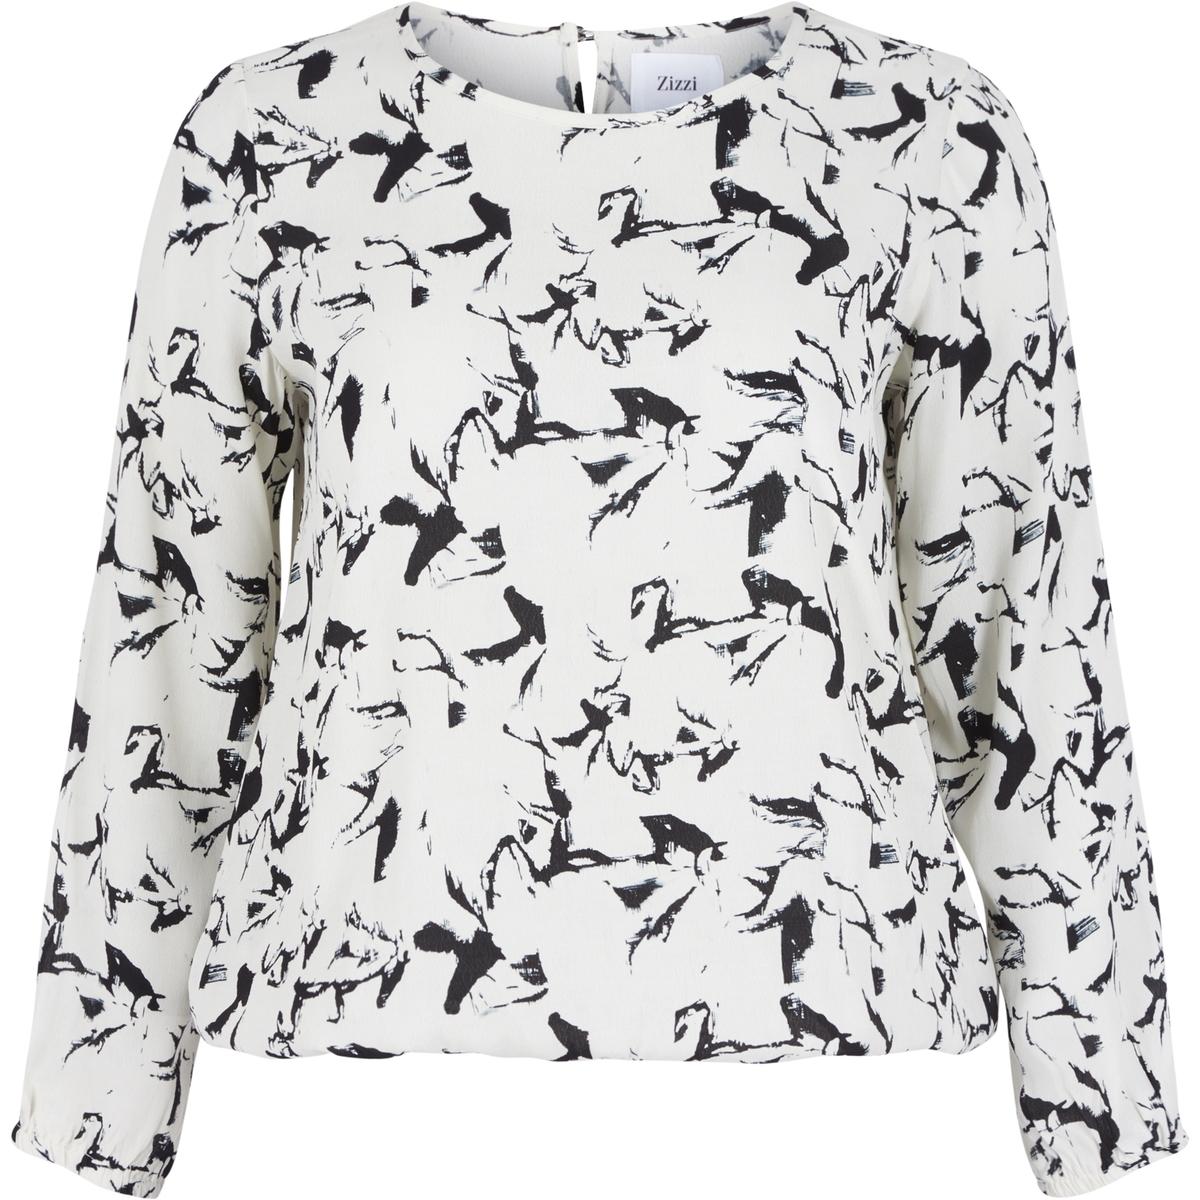 БлузкаБлузка с длинными рукавами ZIZZI. Женственная блузка из тонкой дышащей вискозы с красивым рисунком. Края рукавов и низа на резинке. Застежка на пуговицы сзади. 100% вискоза.<br><br>Цвет: наб. рисунок синий,Рисунок/экрю<br>Размер: 46/48 (FR) - 52/54 (RUS).50/52 (FR) - 56/58 (RUS)